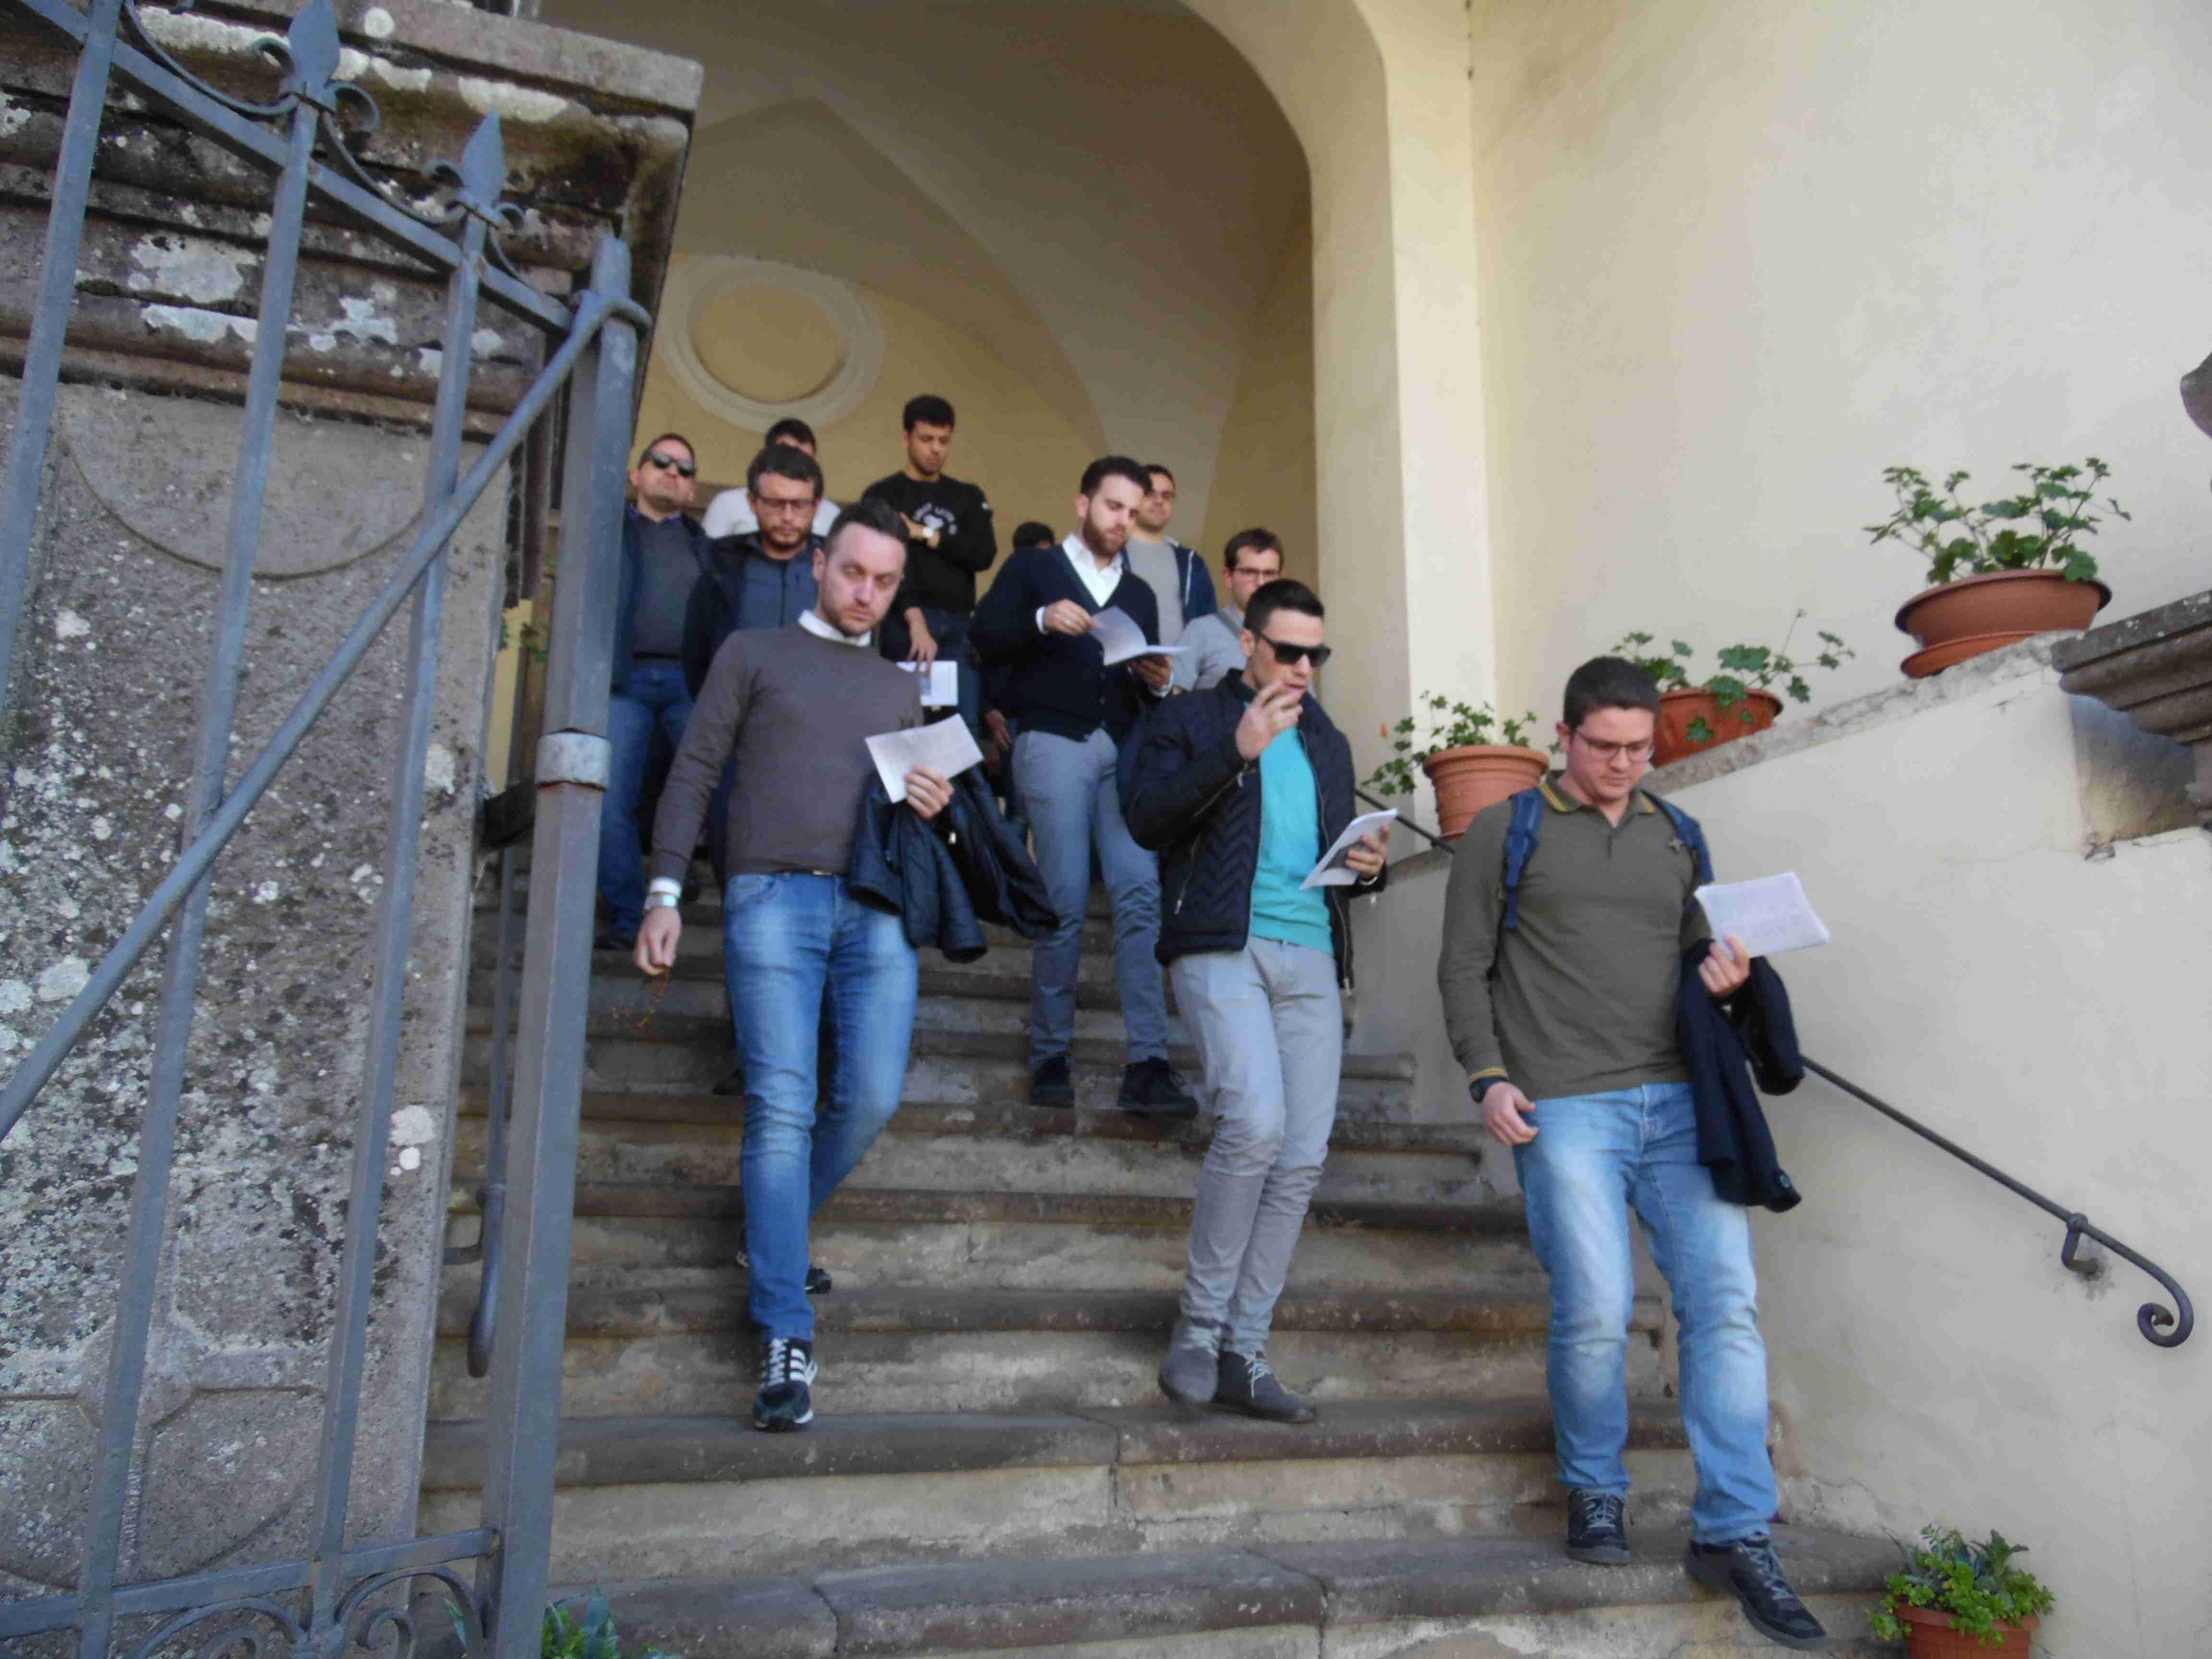 Pellegrinaggio Mariano 18-5-2018 (22)